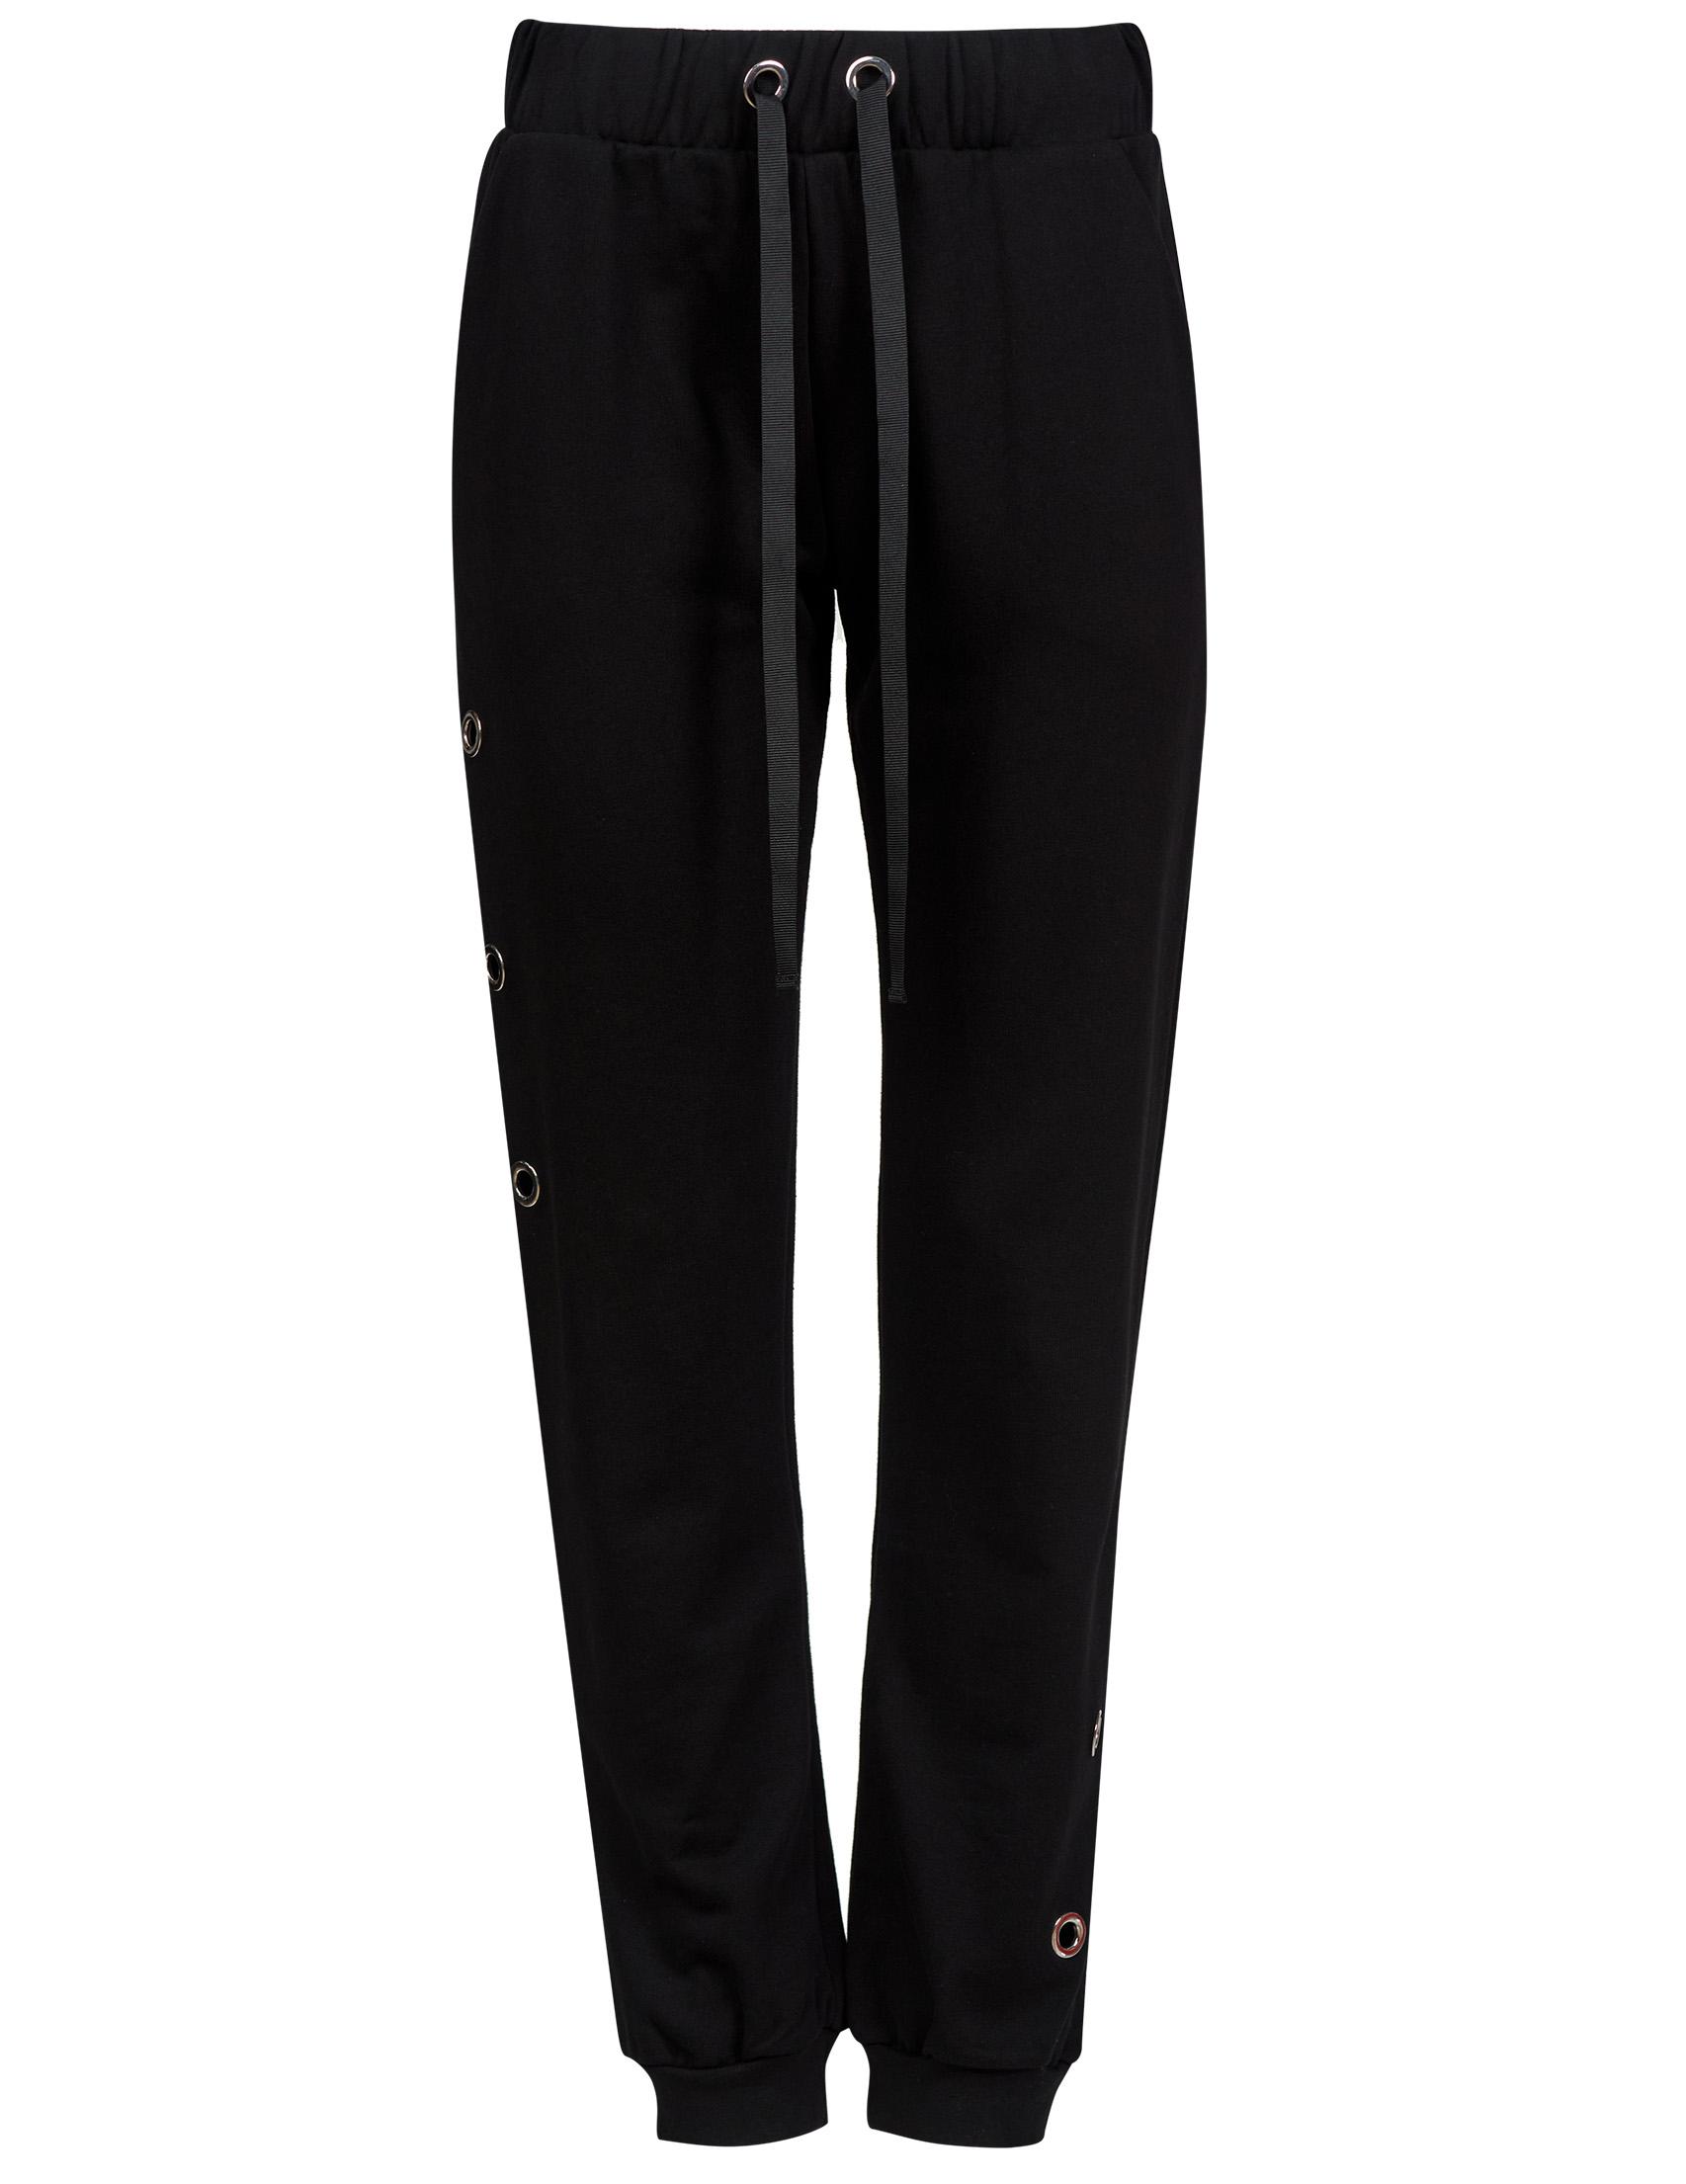 Купить Спортивные брюки, RUE 8ISQUIT, Черный, 100%Хлопок, Весна-Лето